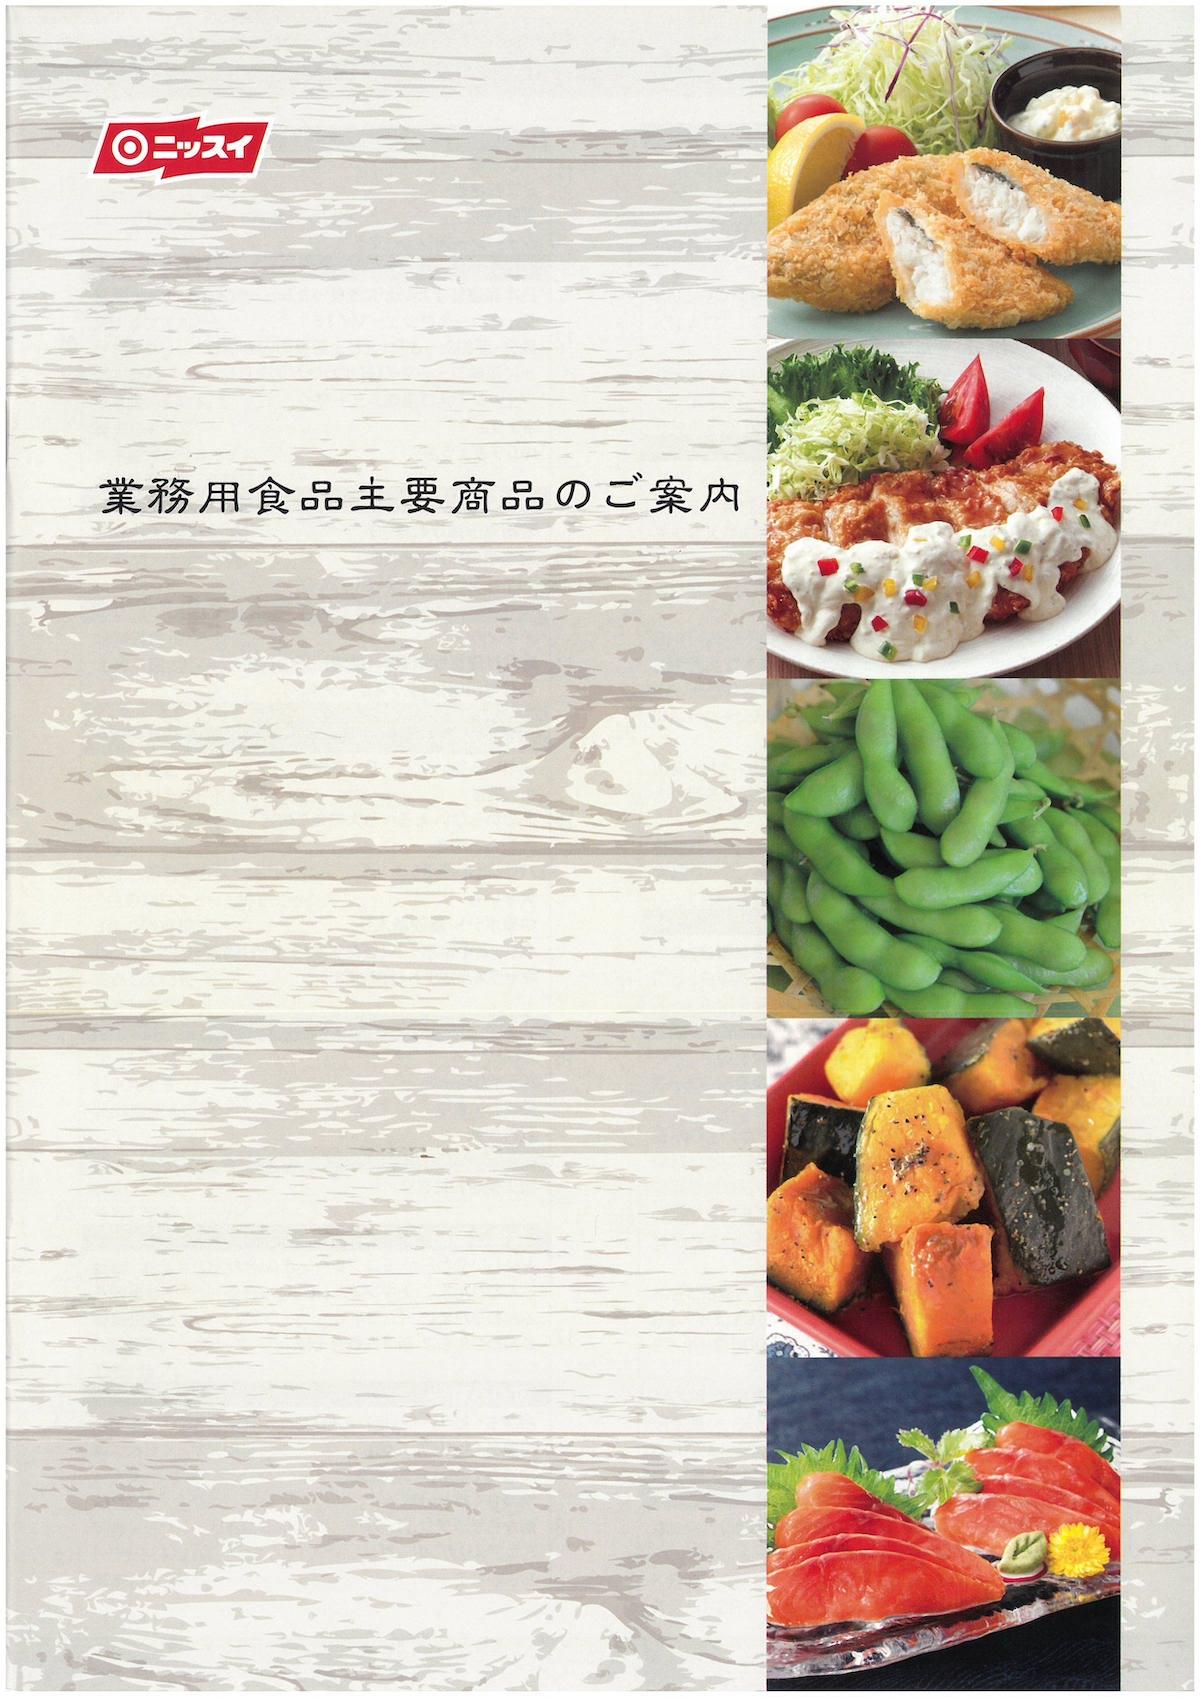 ニッスイ 日水 業務用食品カタログ 2018-9